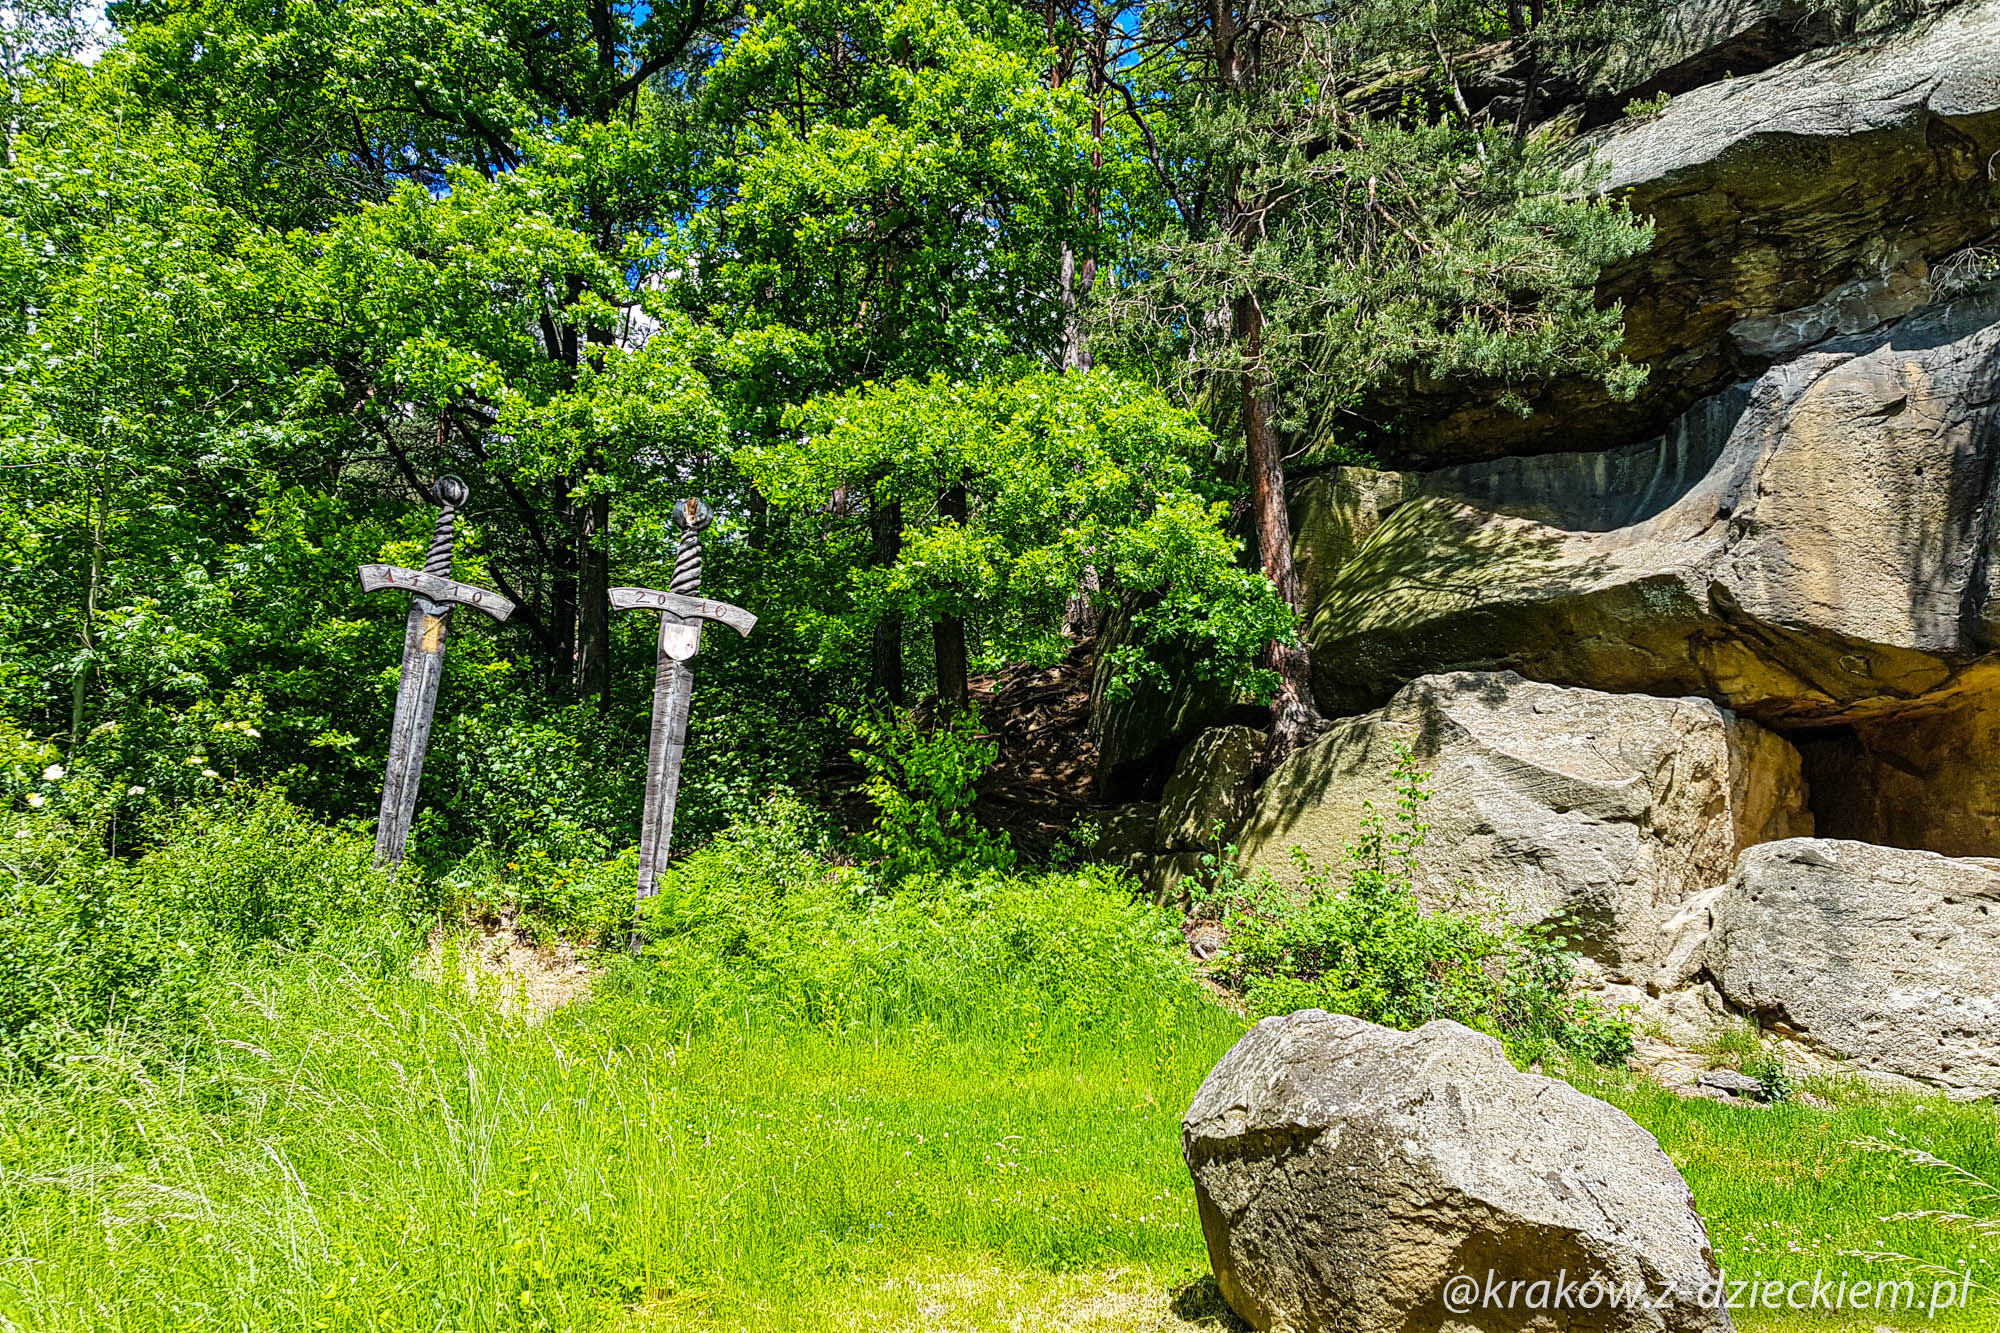 skała grunwald, skamieniałe miasto